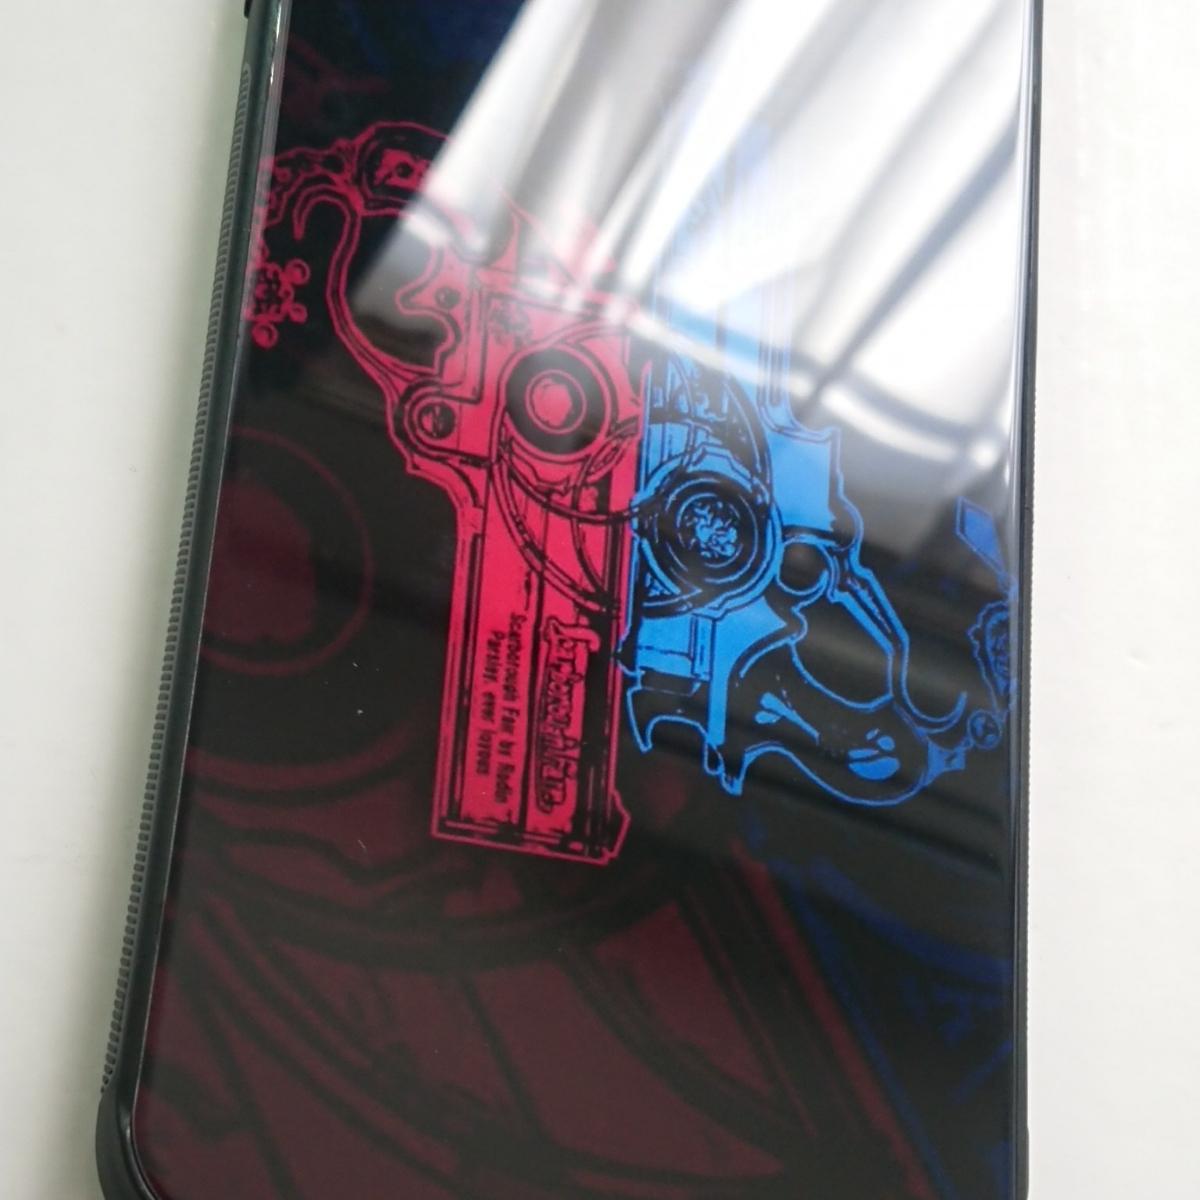 0540498875 代購代標第一品牌- 樂淘letao - ベヨネッタ2 BAYONETTA iPhoneケースアイフォンケースTPU素材強化ガラス高品質光沢有り iPhone 7plus 8plus対応